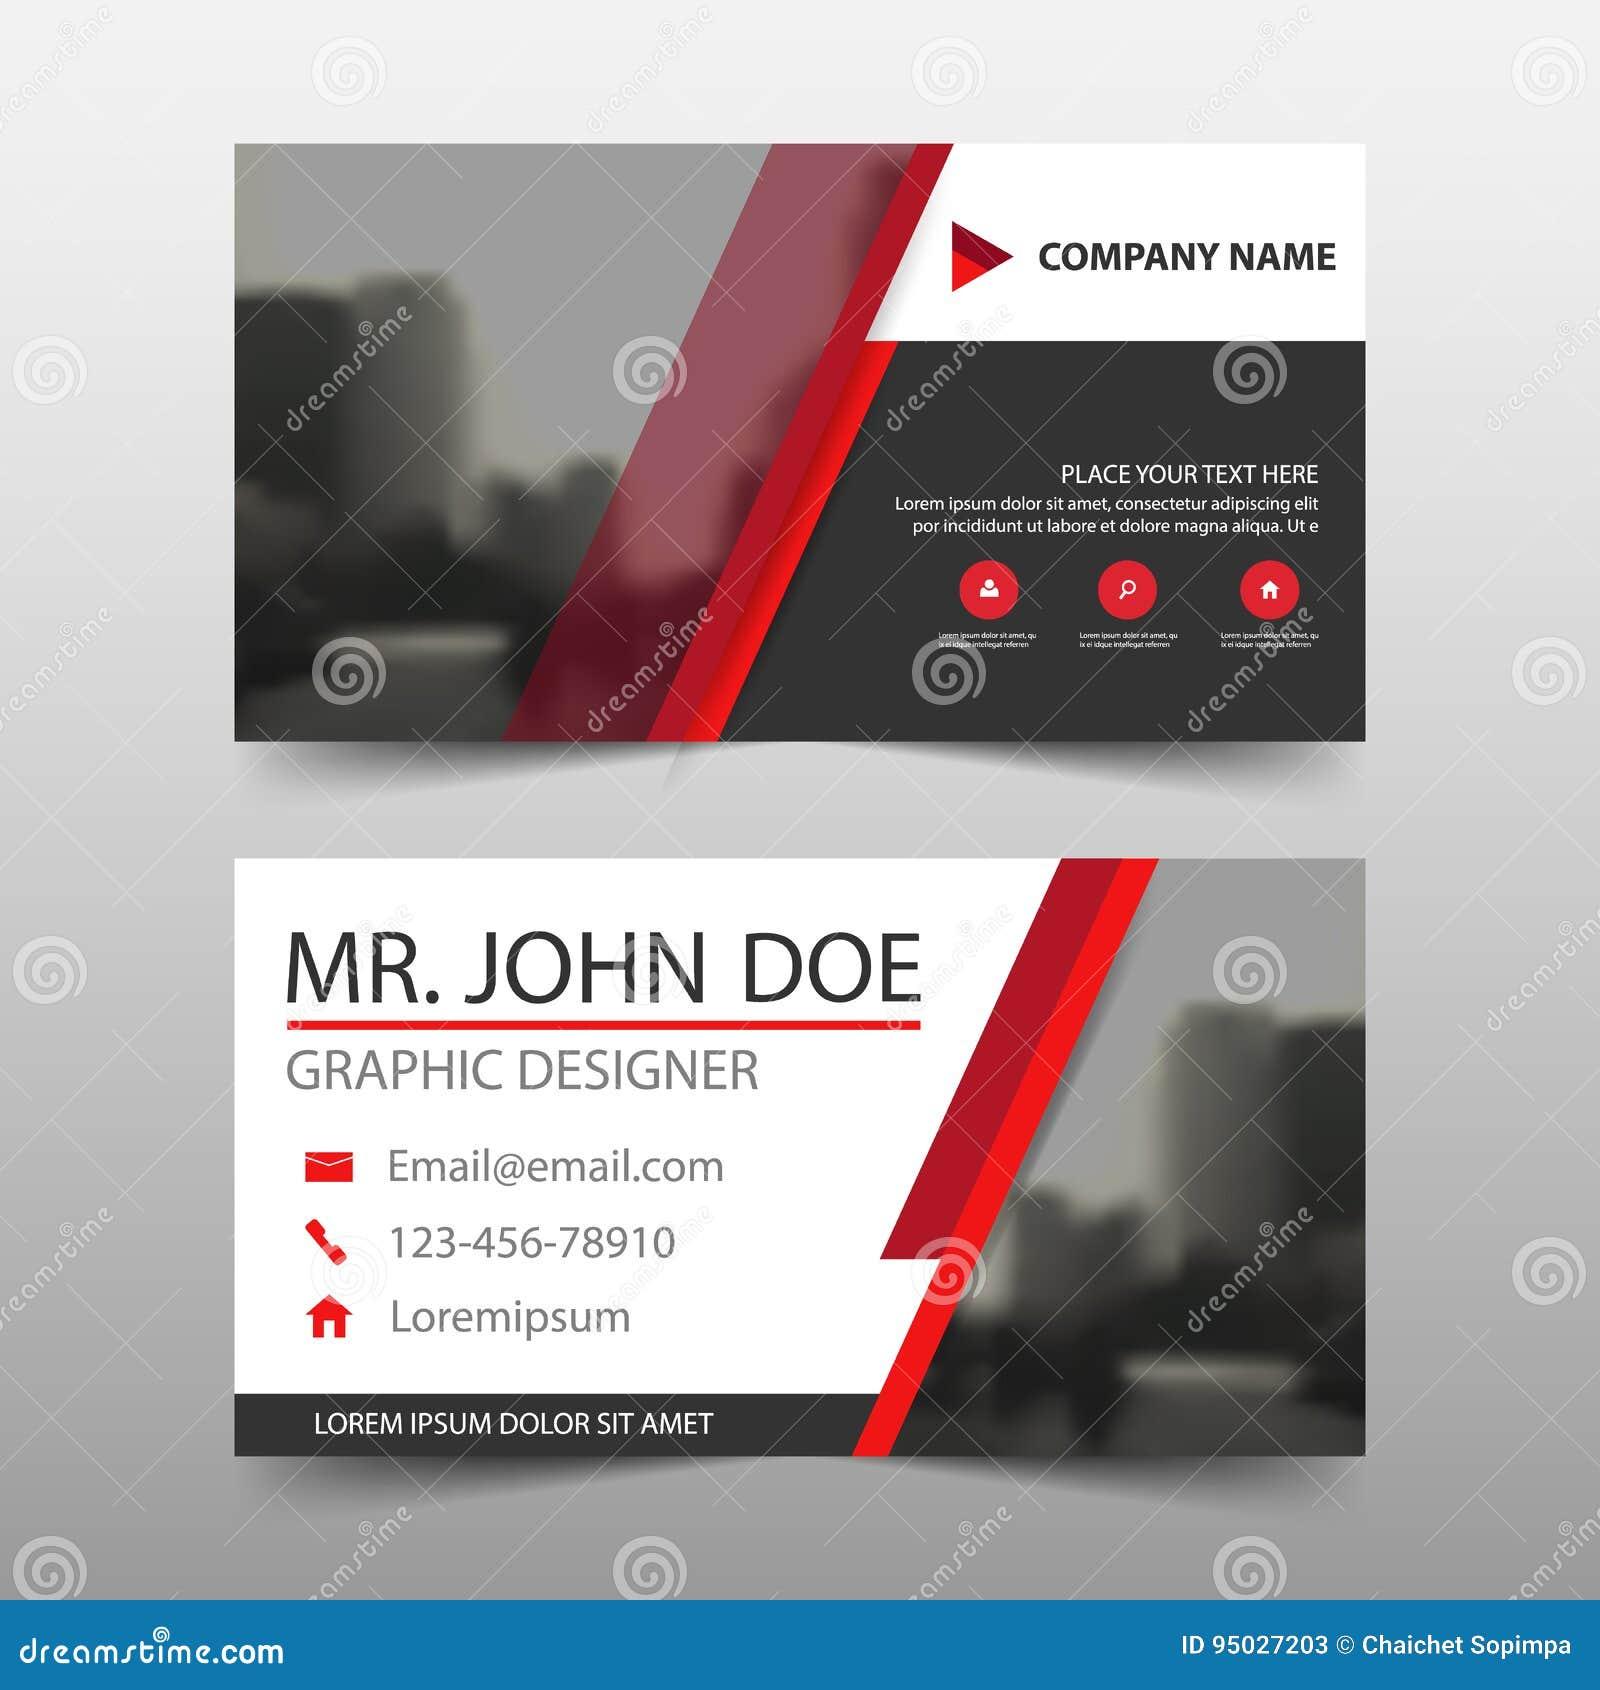 Rood zwart collectief adreskaartje, het malplaatje van de naamkaart, het horizontale eenvoudige schone malplaatje van het lay-out